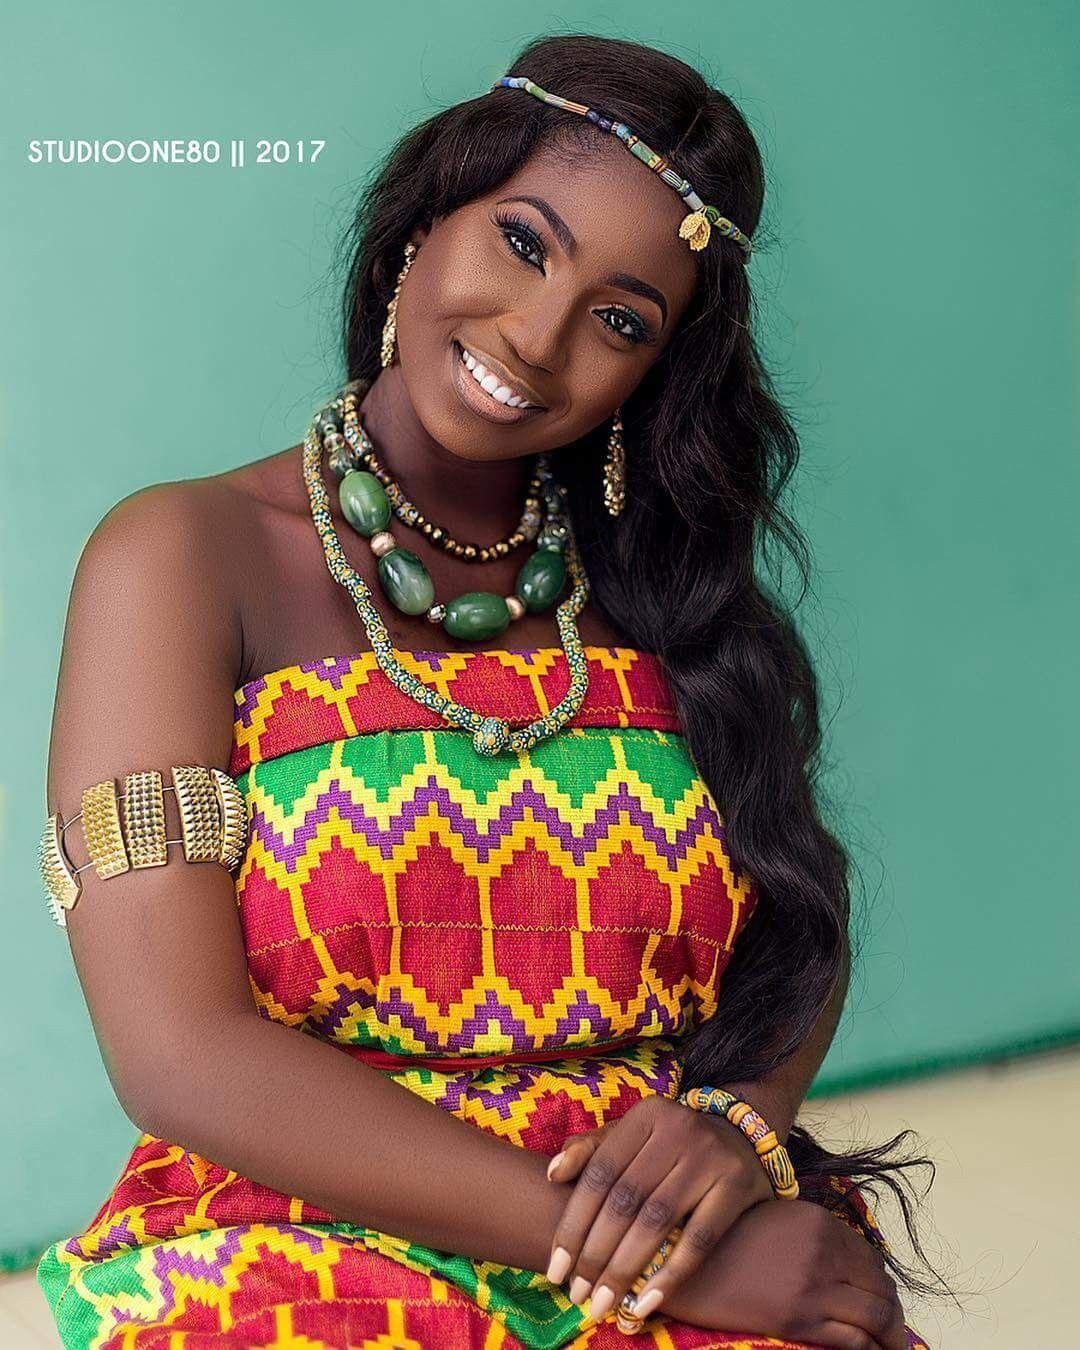 eb45175ff7d Pinterest::BriaAngelique African Girl, African Beauty, African Women,  African Fashion,